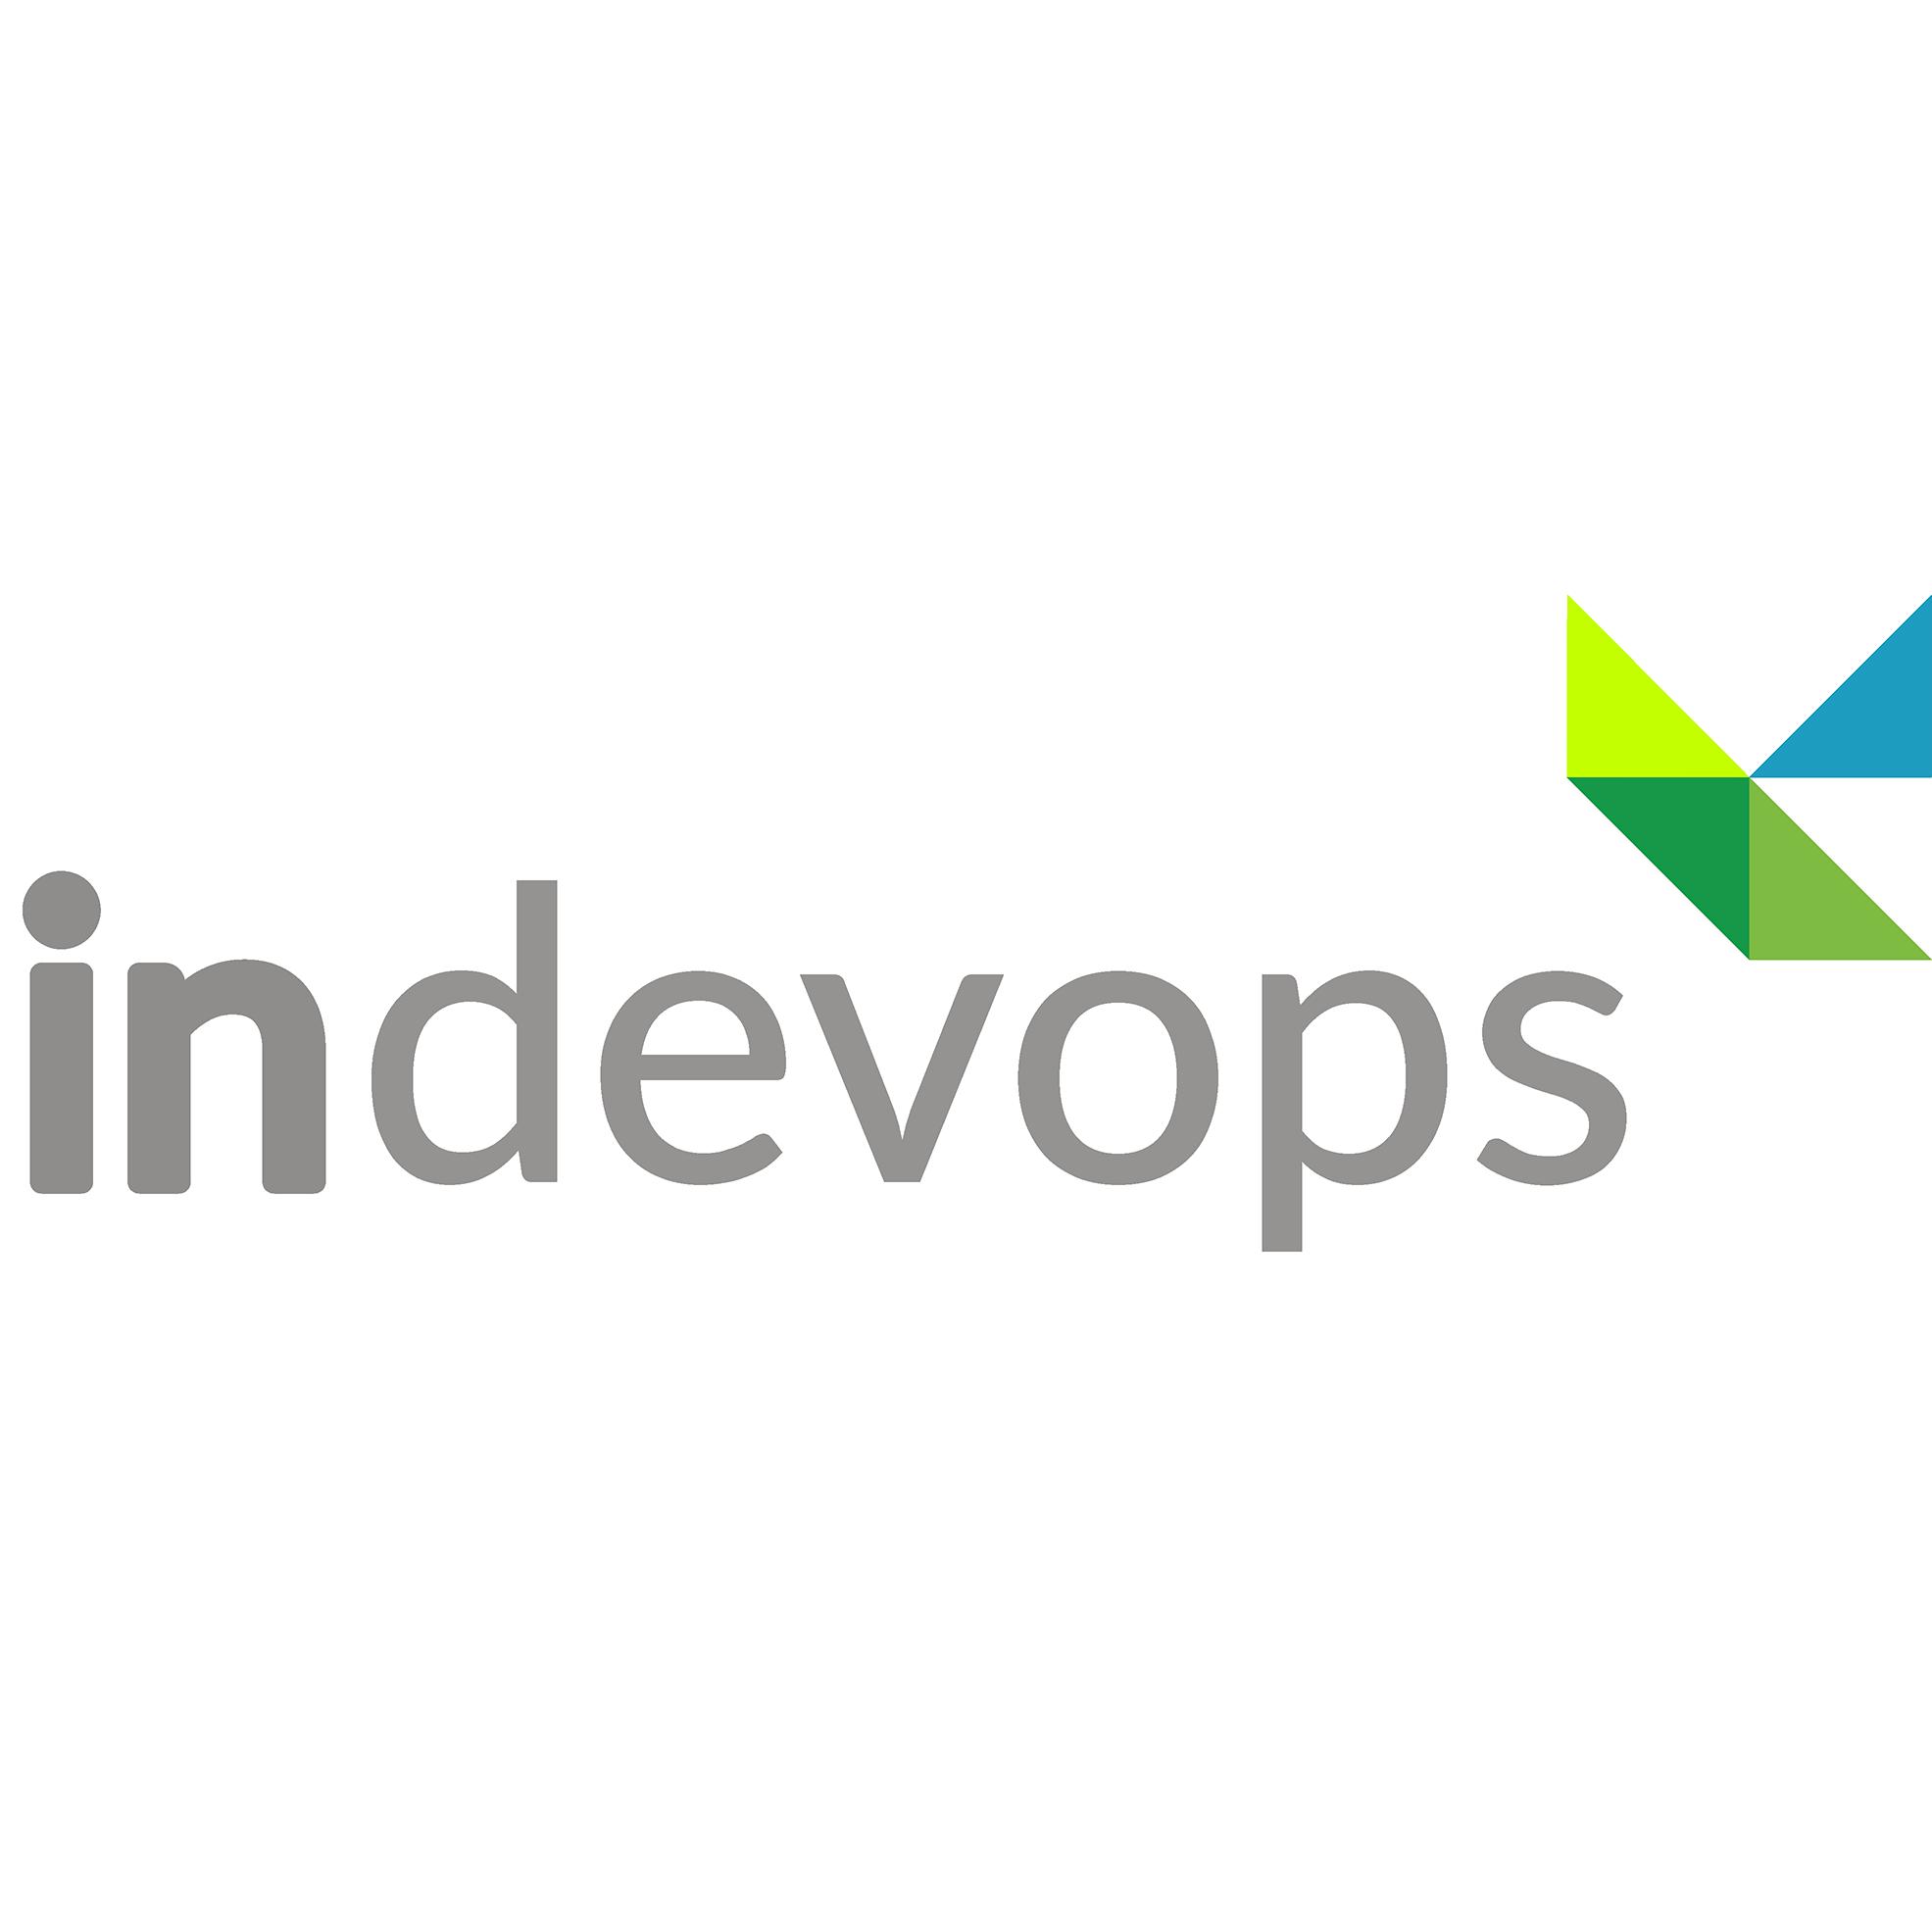 Indevops-logo_150x150